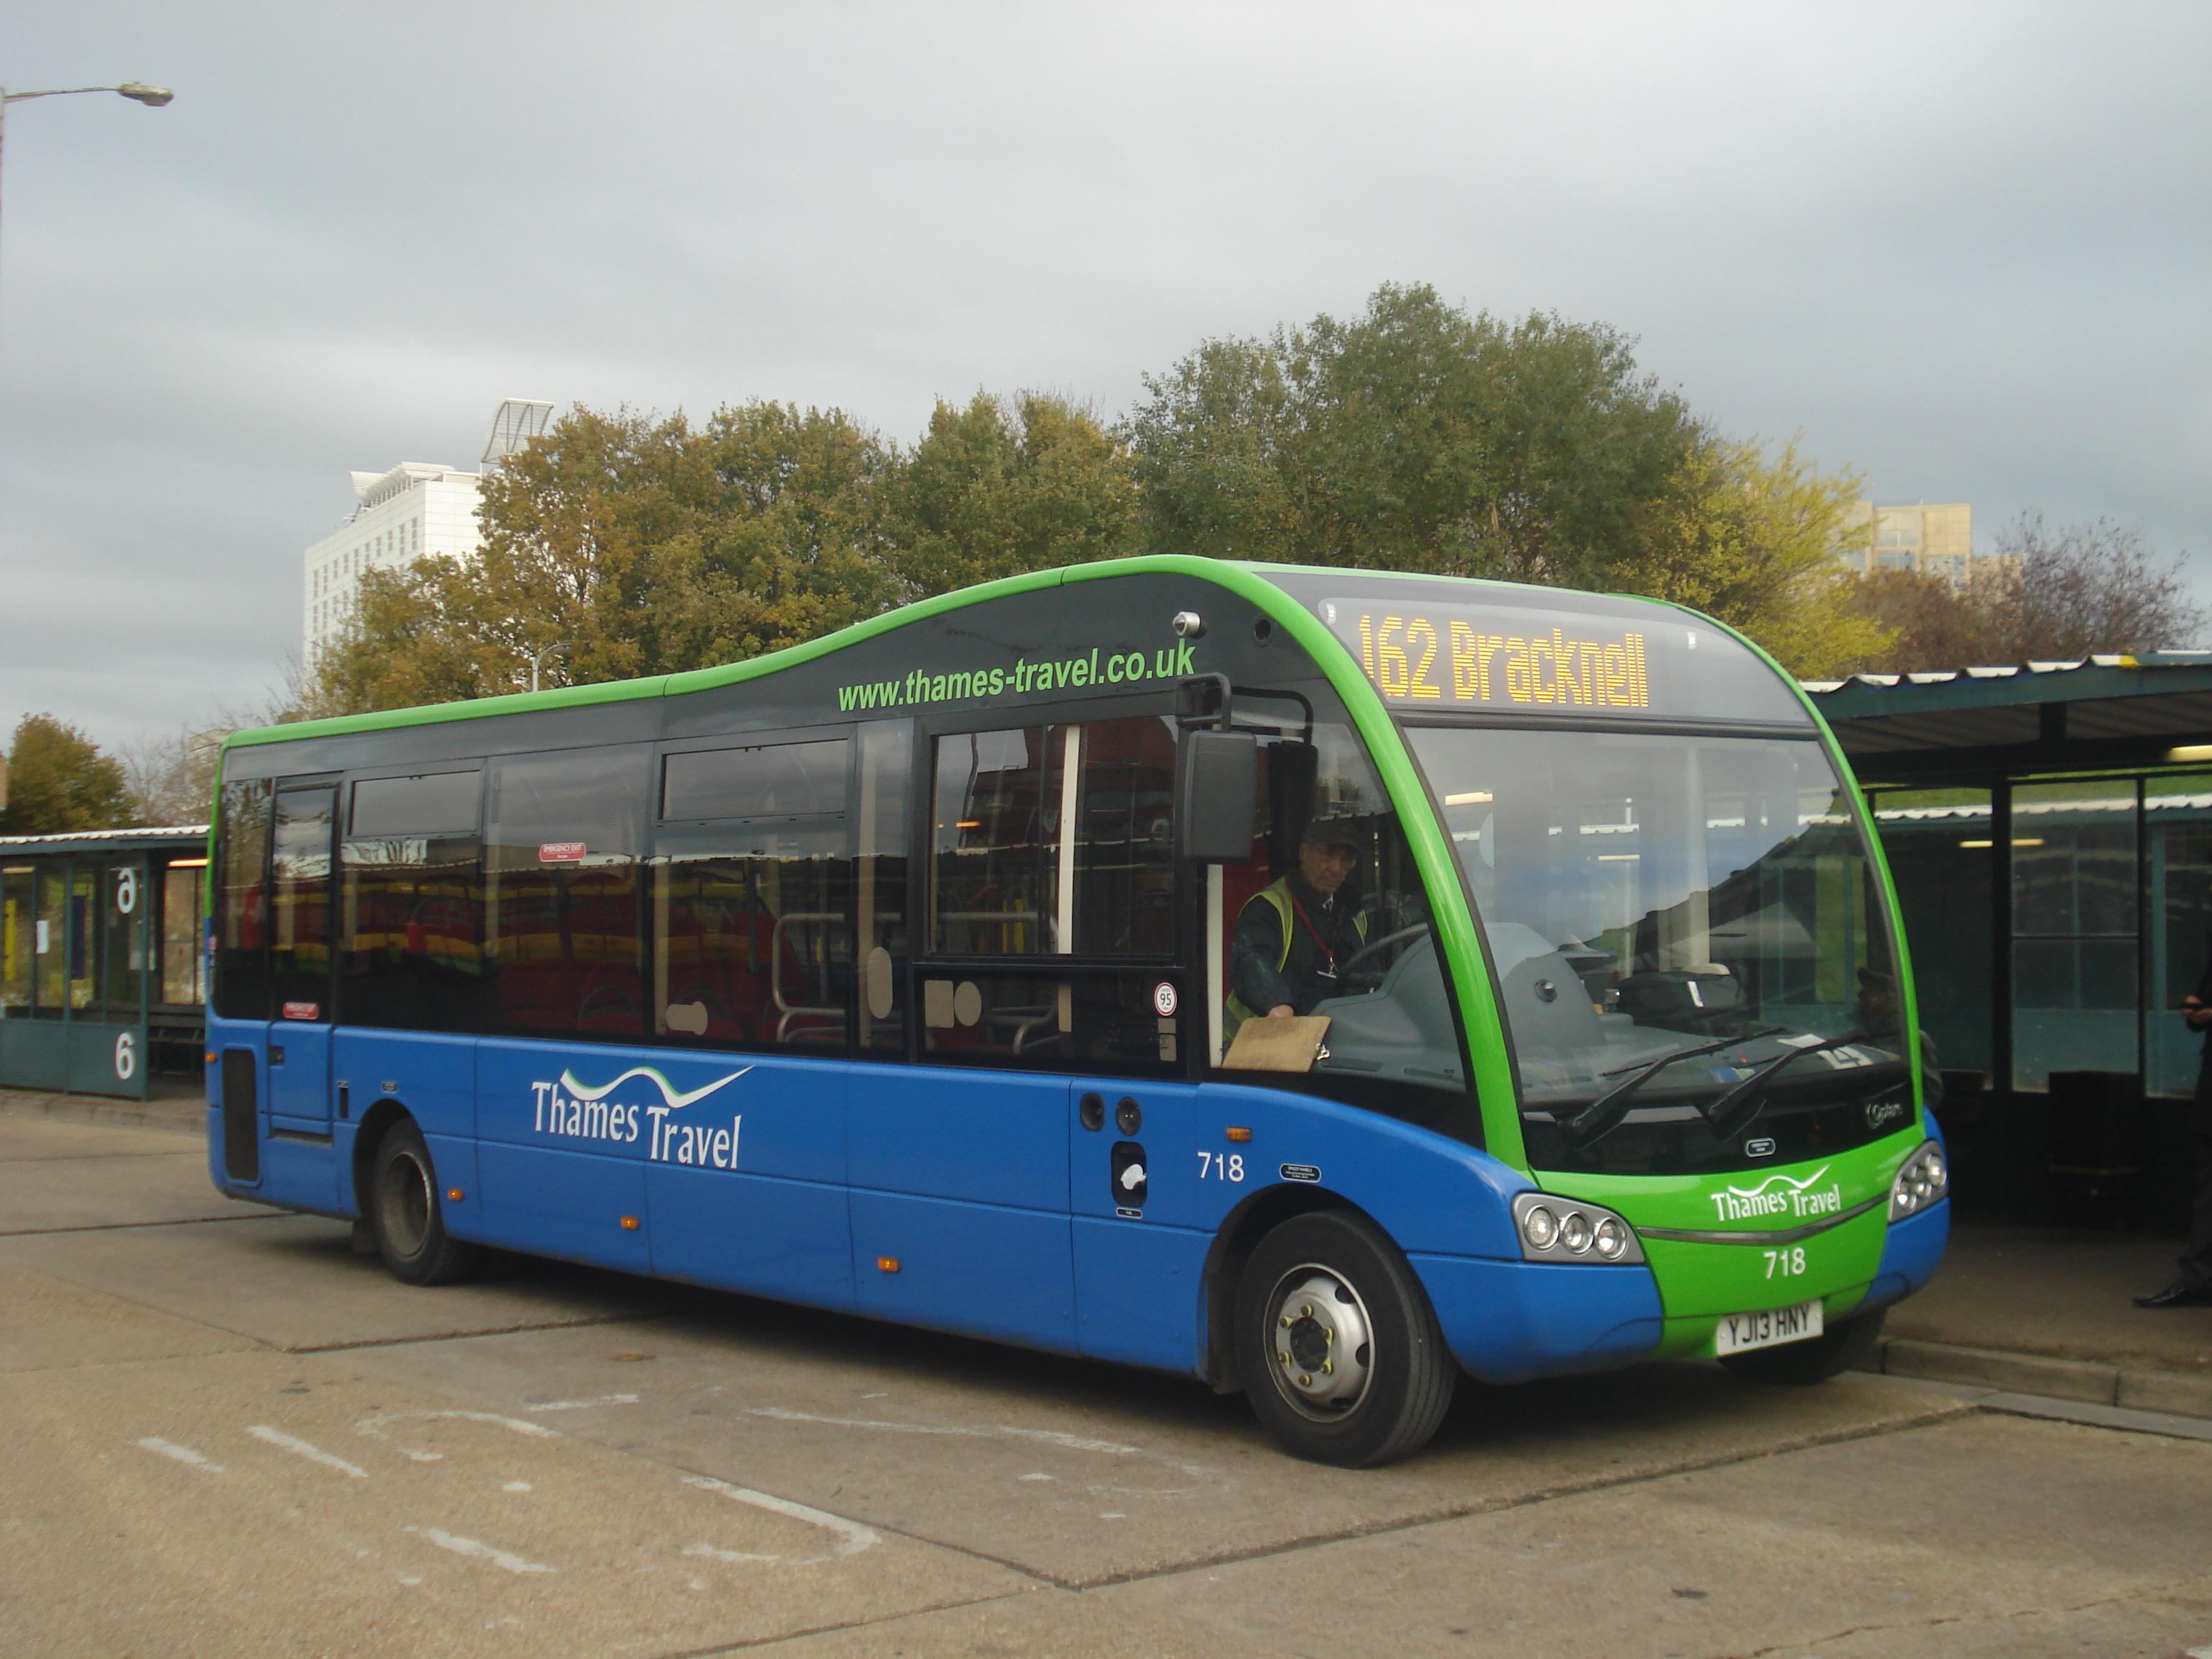 file:au morandarte flickr thames travel 718 on route 162, bracknell